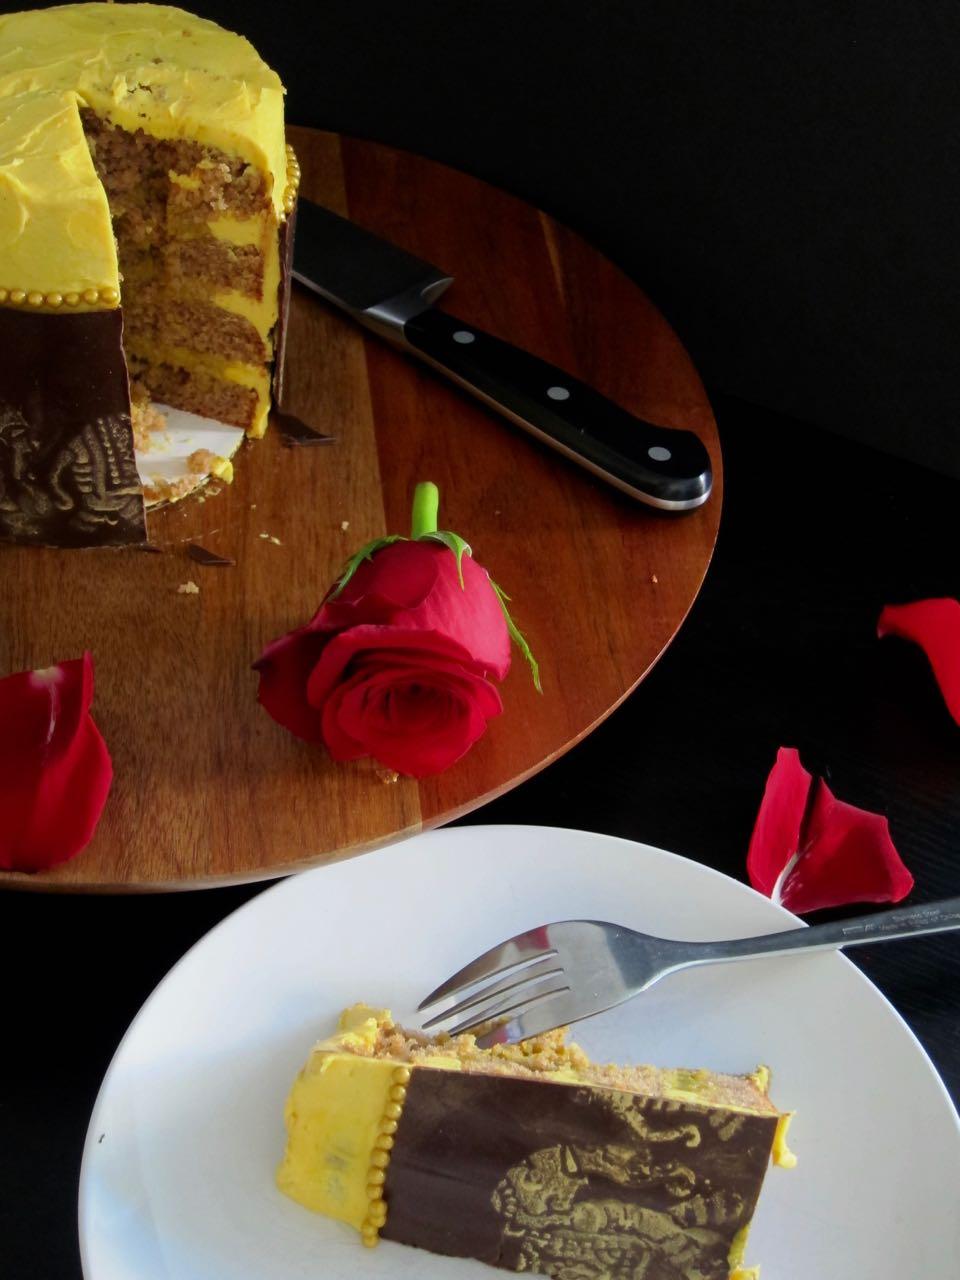 Sliced Bride & Prejudice Cake